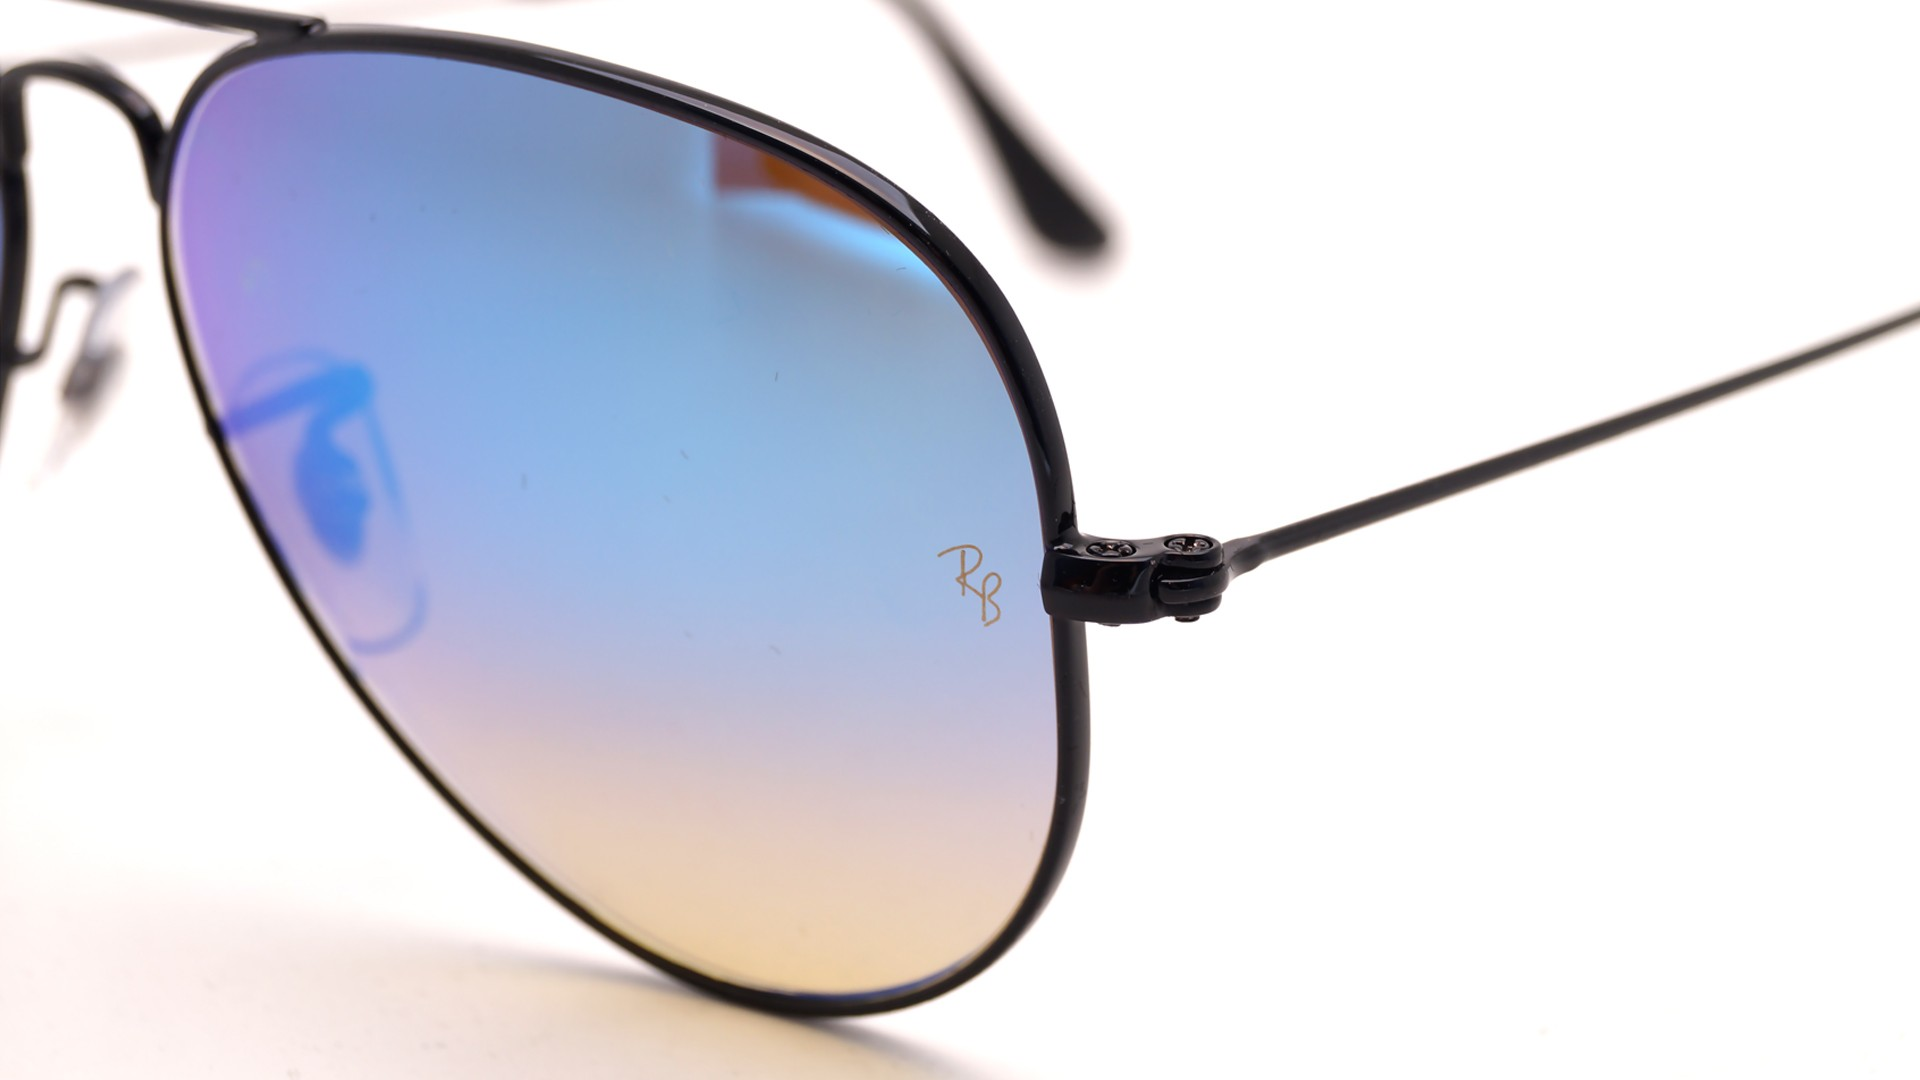 d46686b6e0e17 Ray Ban 3025 Black Mirror Aviator Sunglasses « Heritage Malta